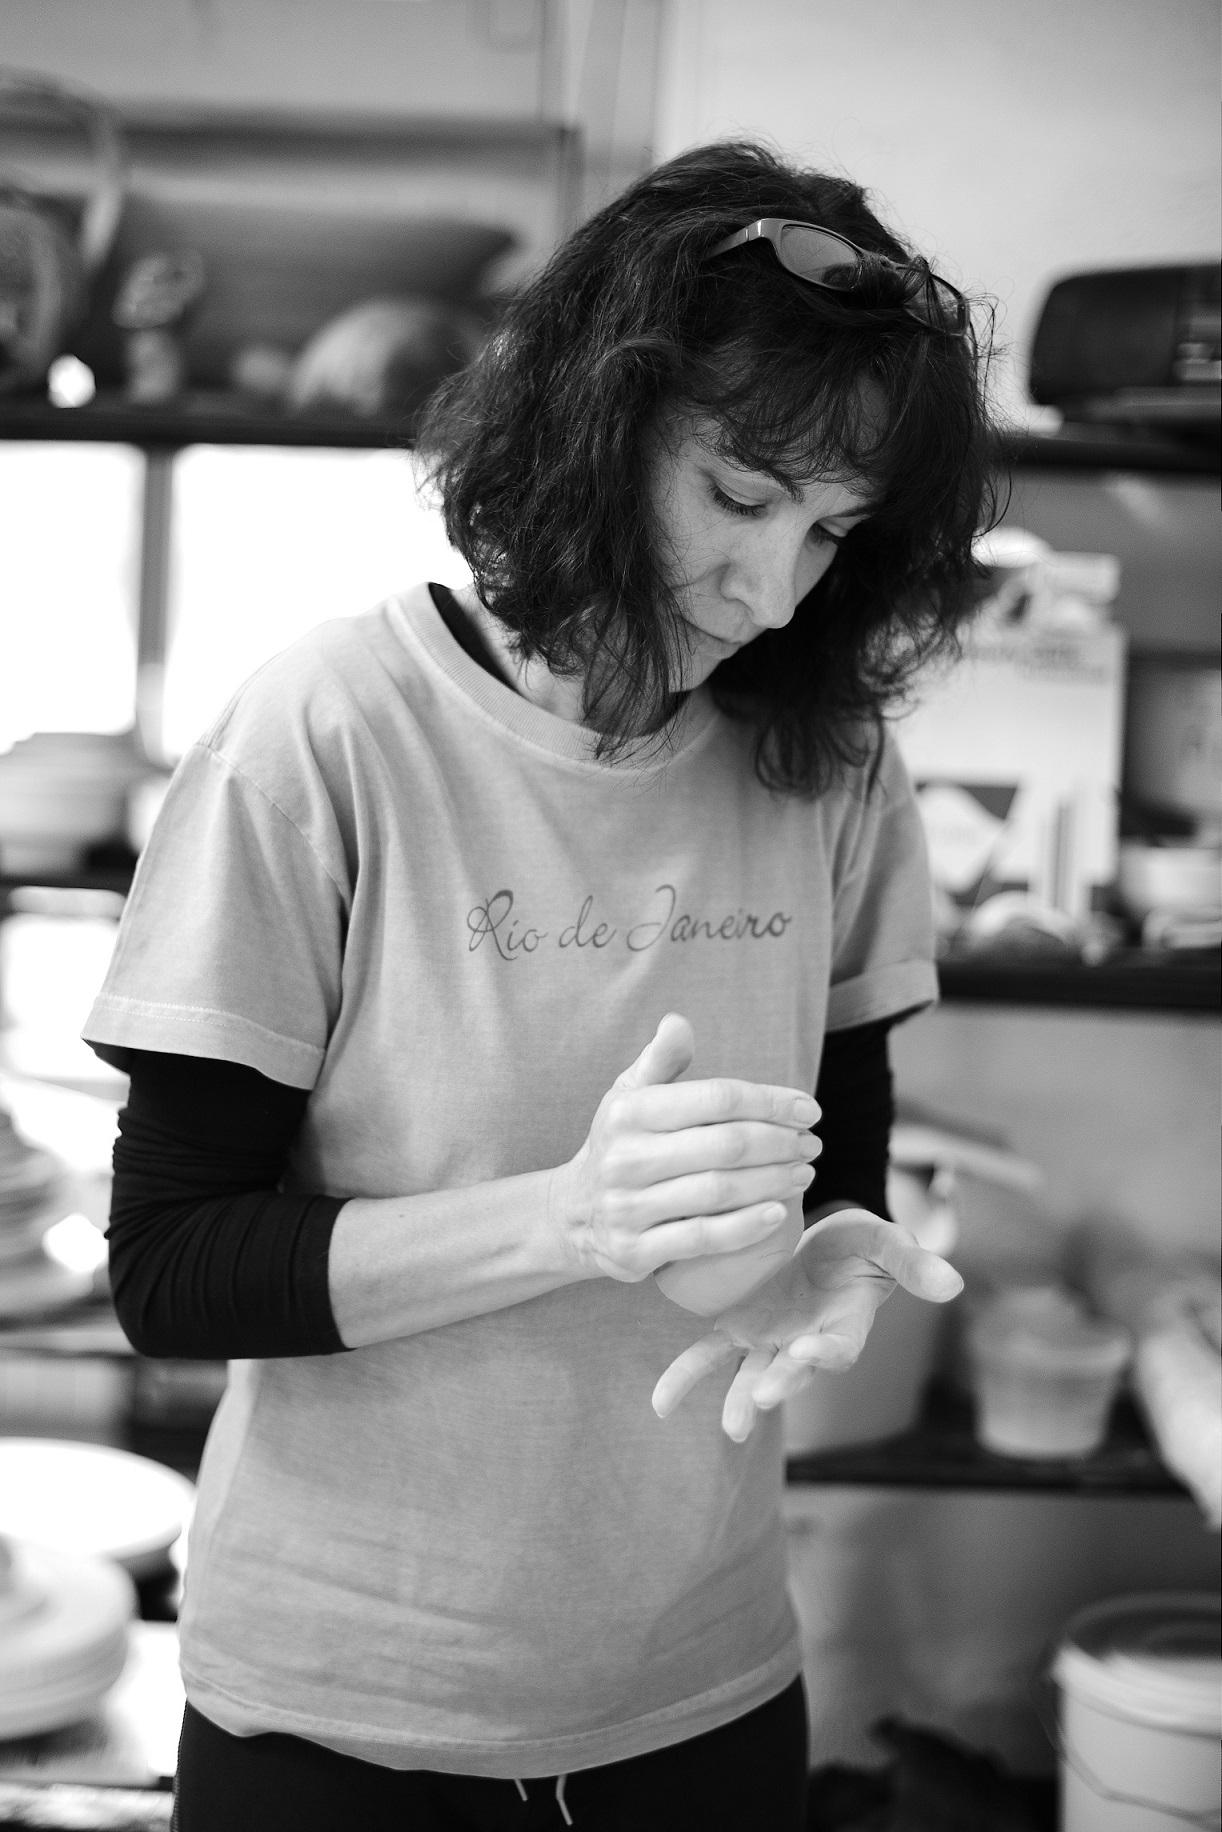 Ana-Belén in her workshop